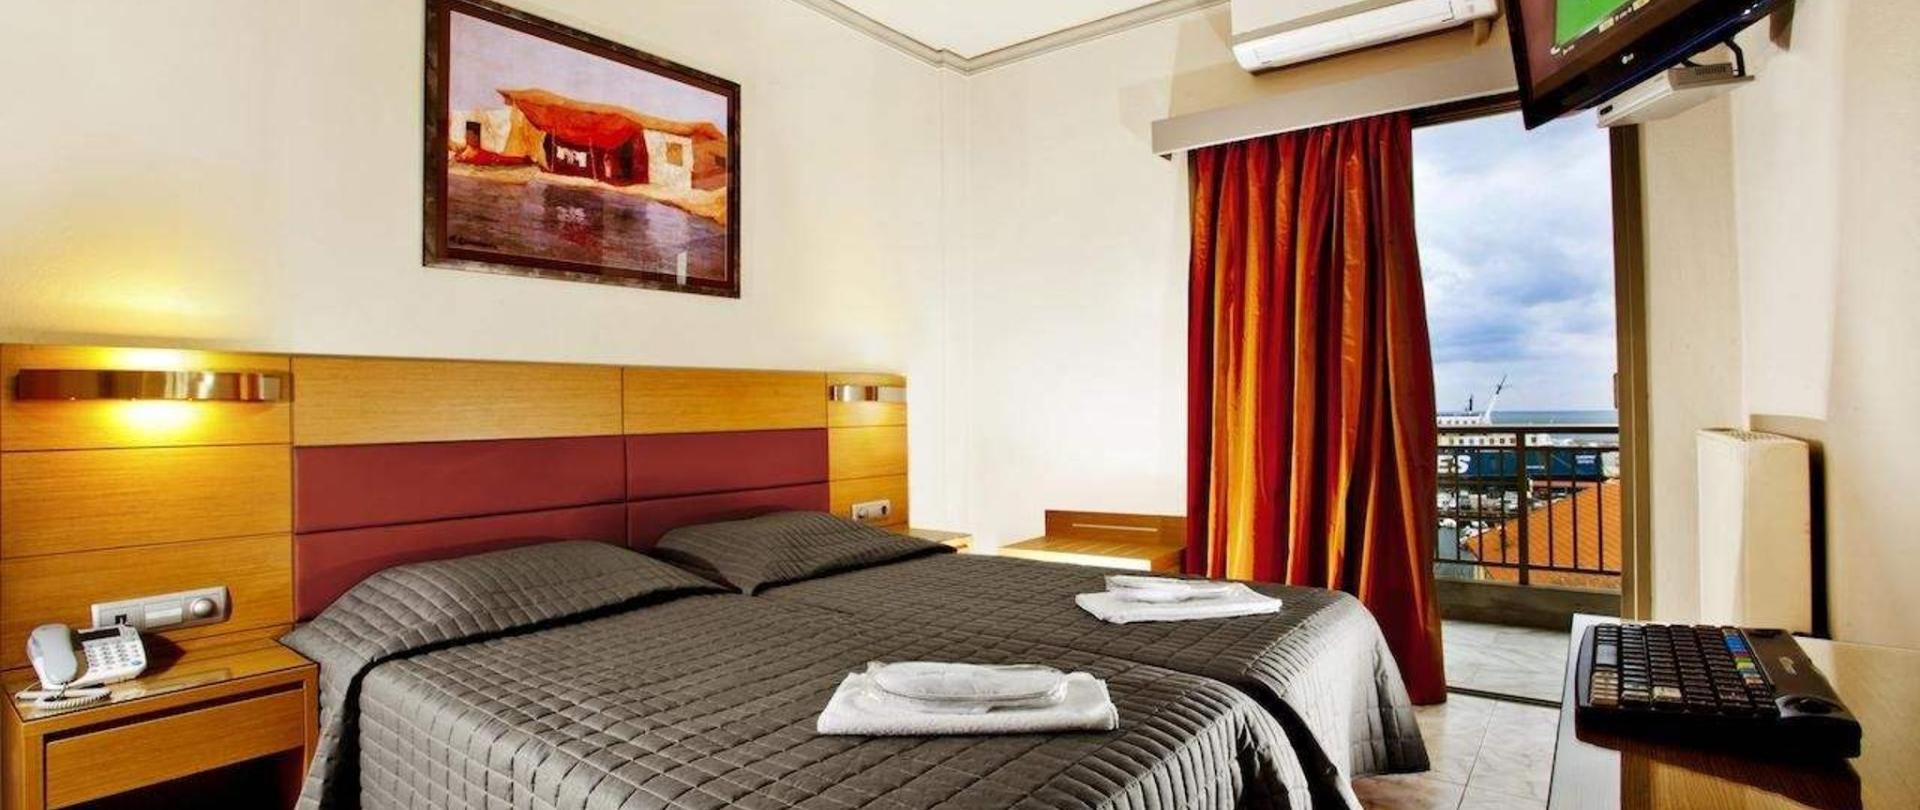 Ξενοδοχείο Έρικα